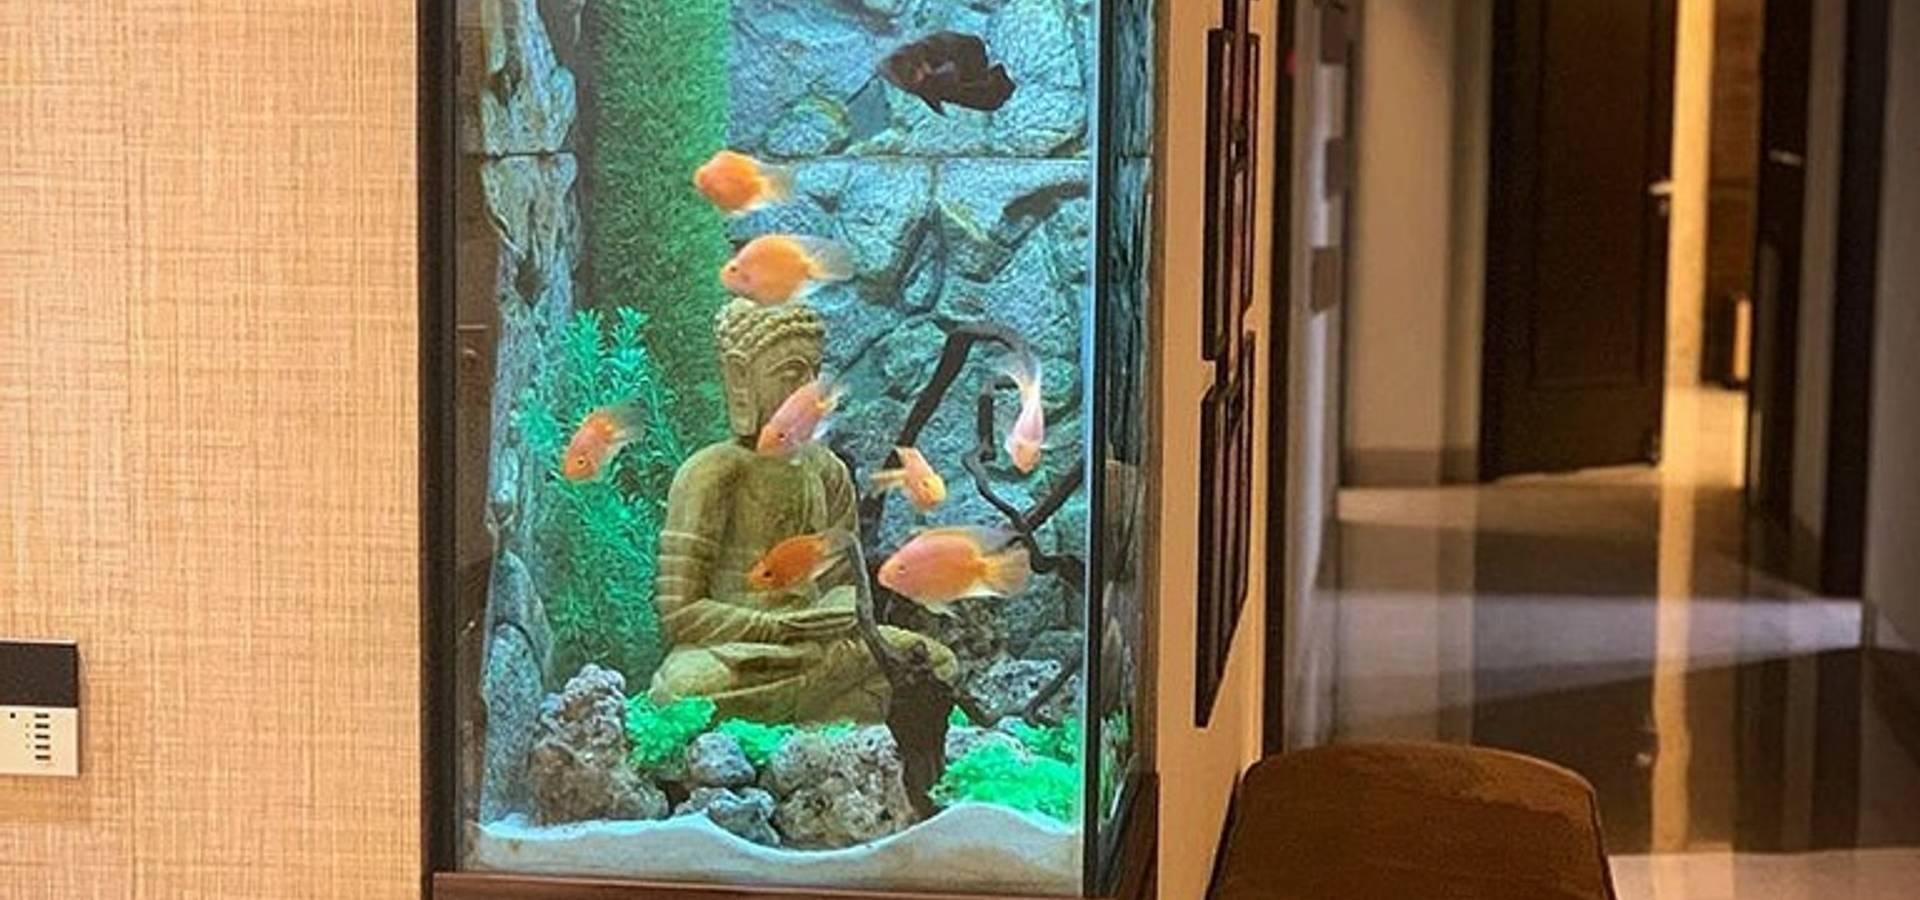 Aquarist